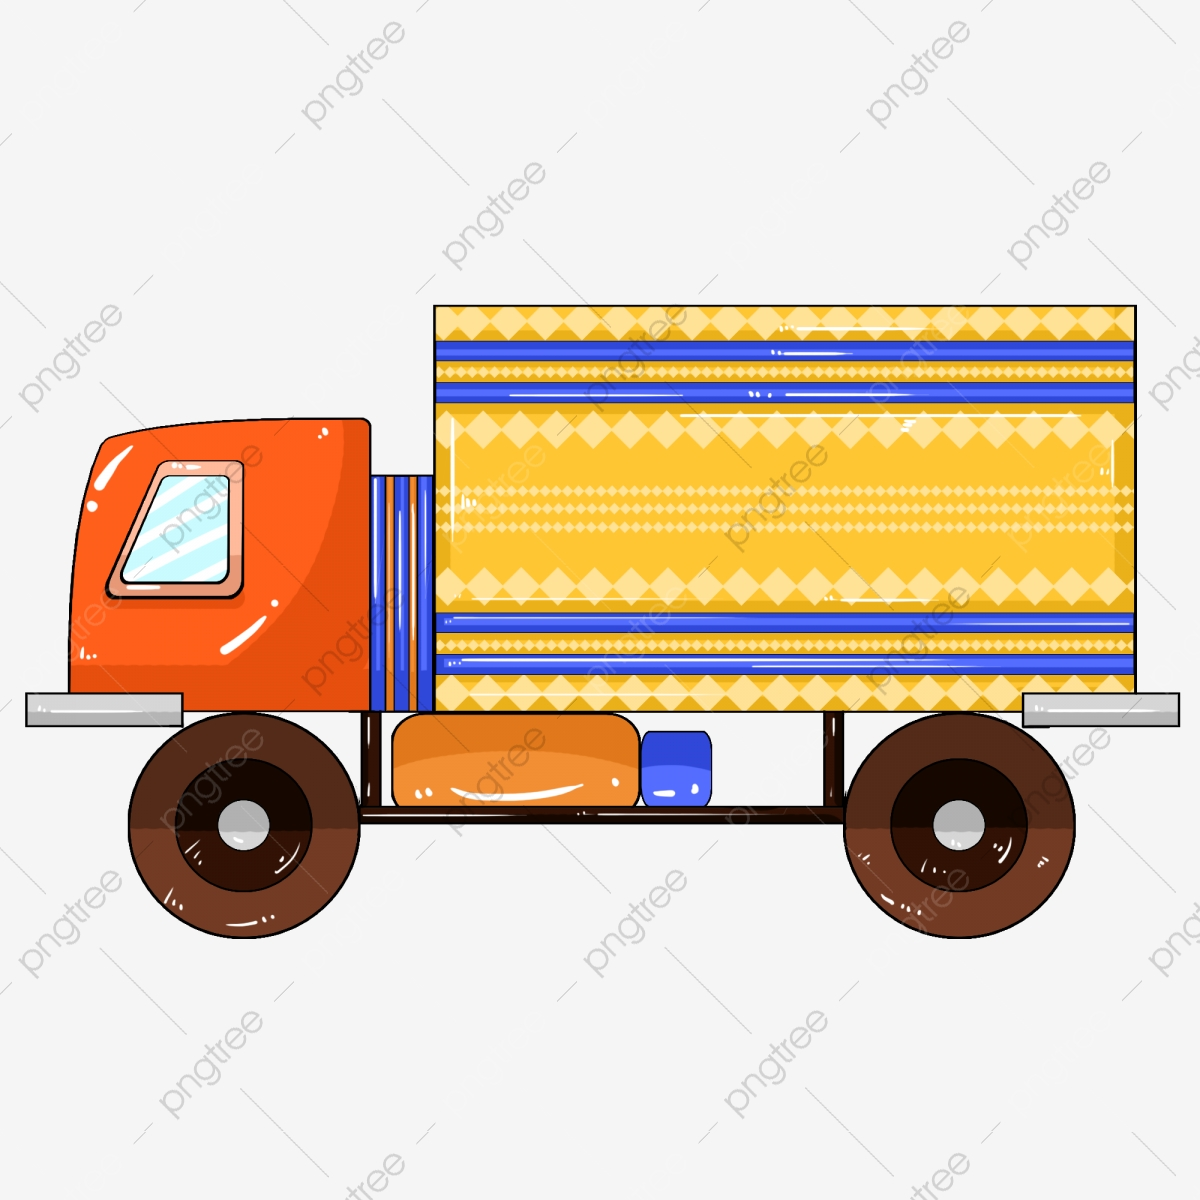 De Grande Animados A Mano Camión Dibujos Dibujado zSUVpqM